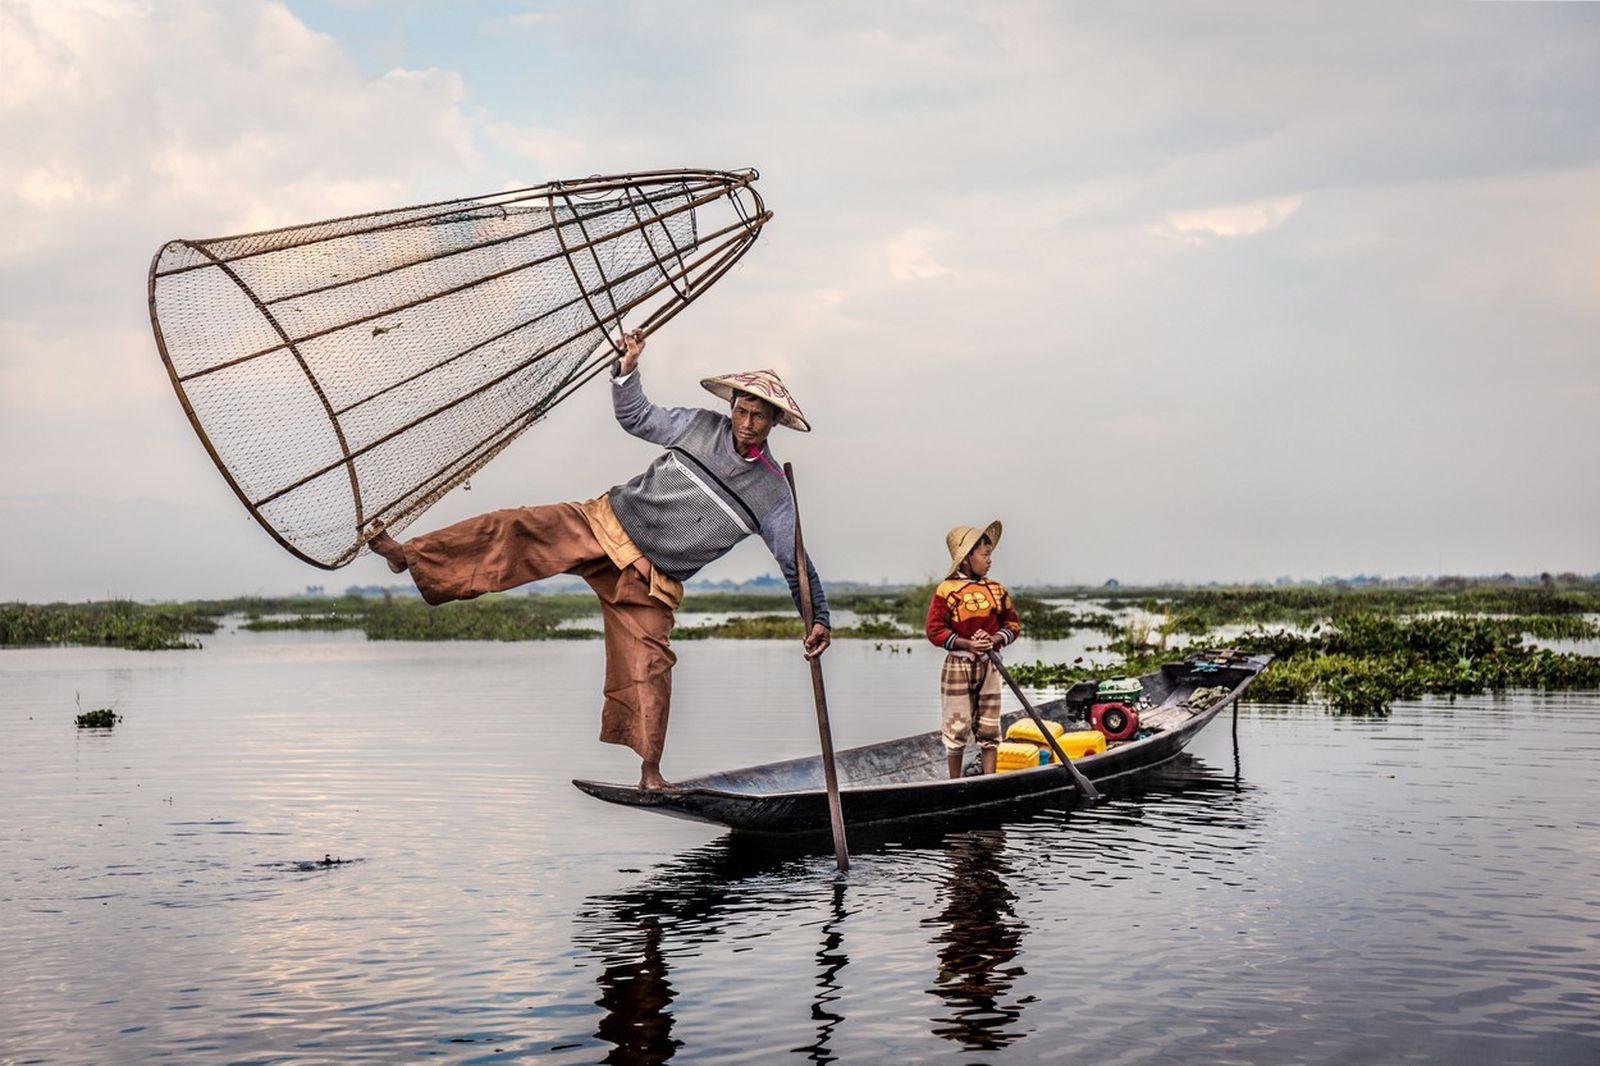 Луѓе од езерото: Необичен народ кој преживува благодарение на акробатиката на вода